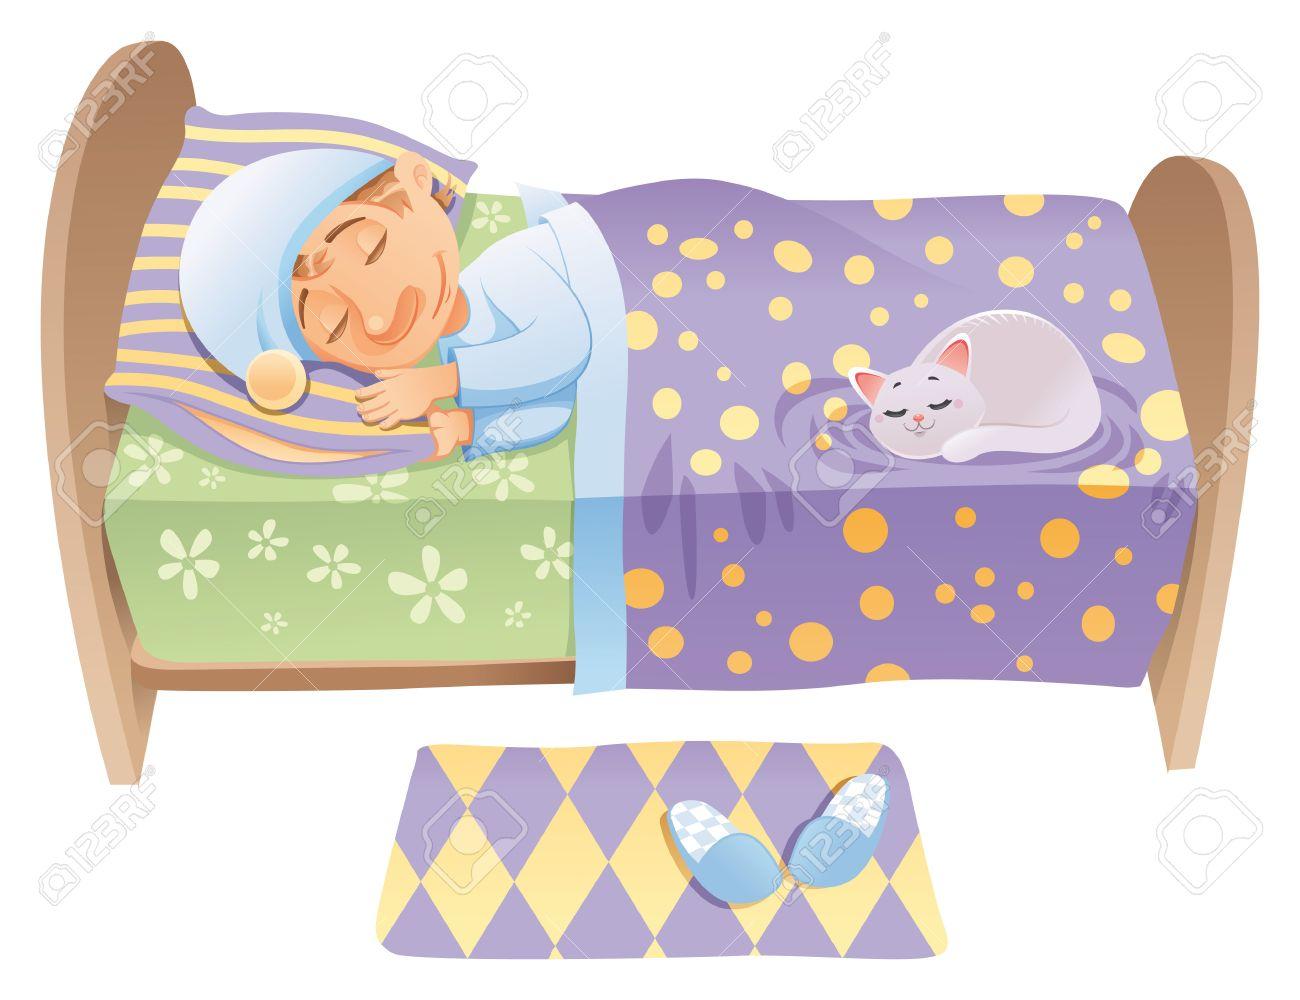 Niño está durmiendo en su cama, dibujos animados y vector de la escena Foto de archivo - 5564220